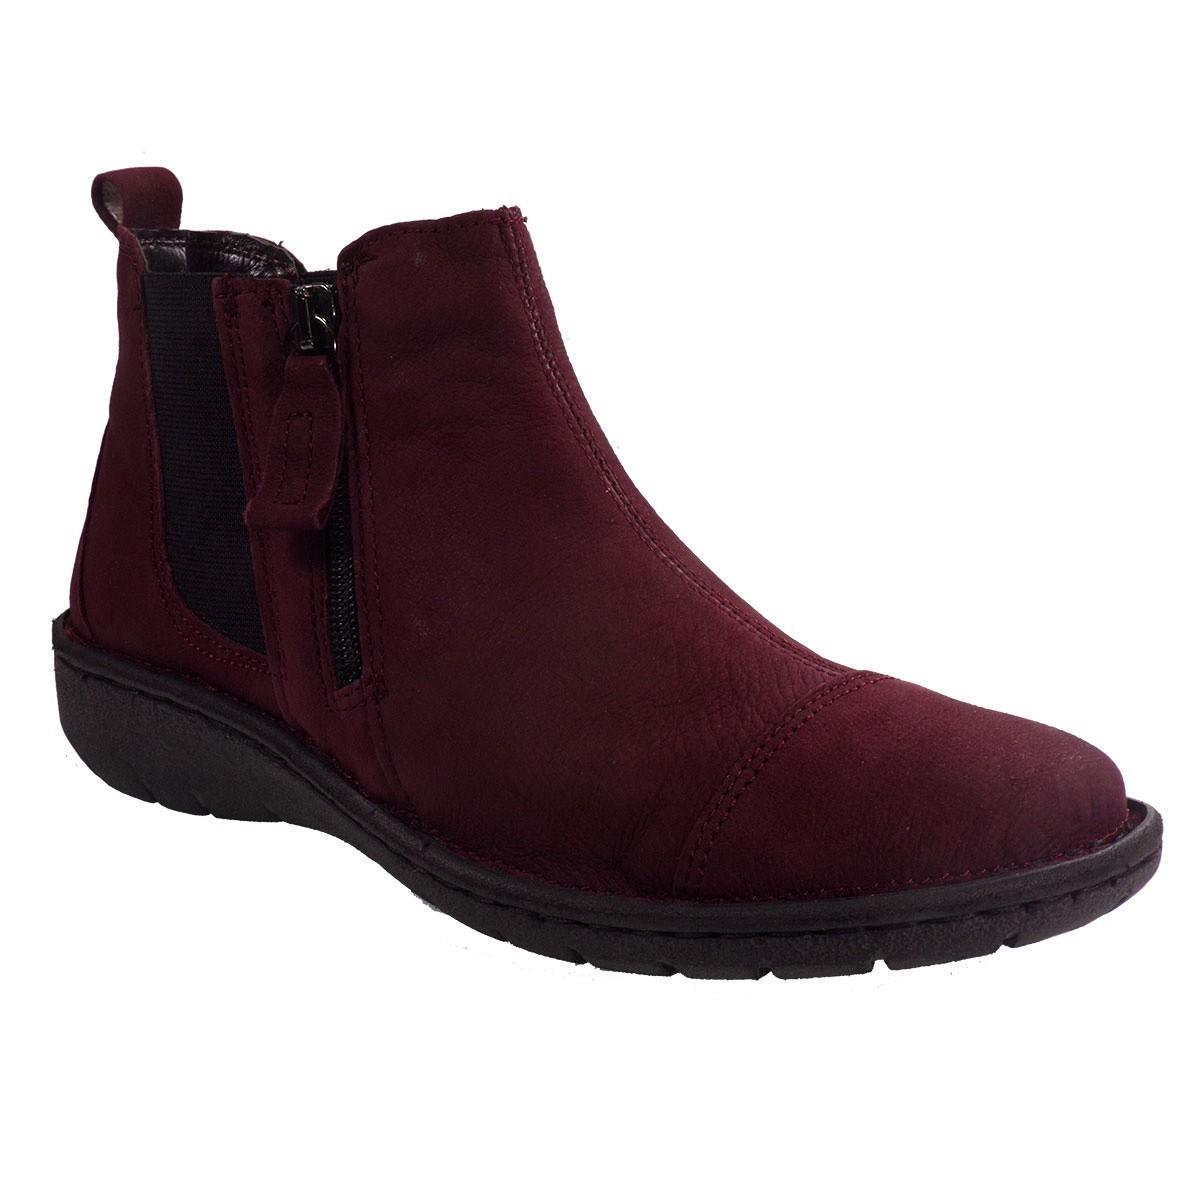 Relaxshoes Γυναικεία Παπούτσια Μποτάκια 86821610-37573 Μπορντώ Δέρμα